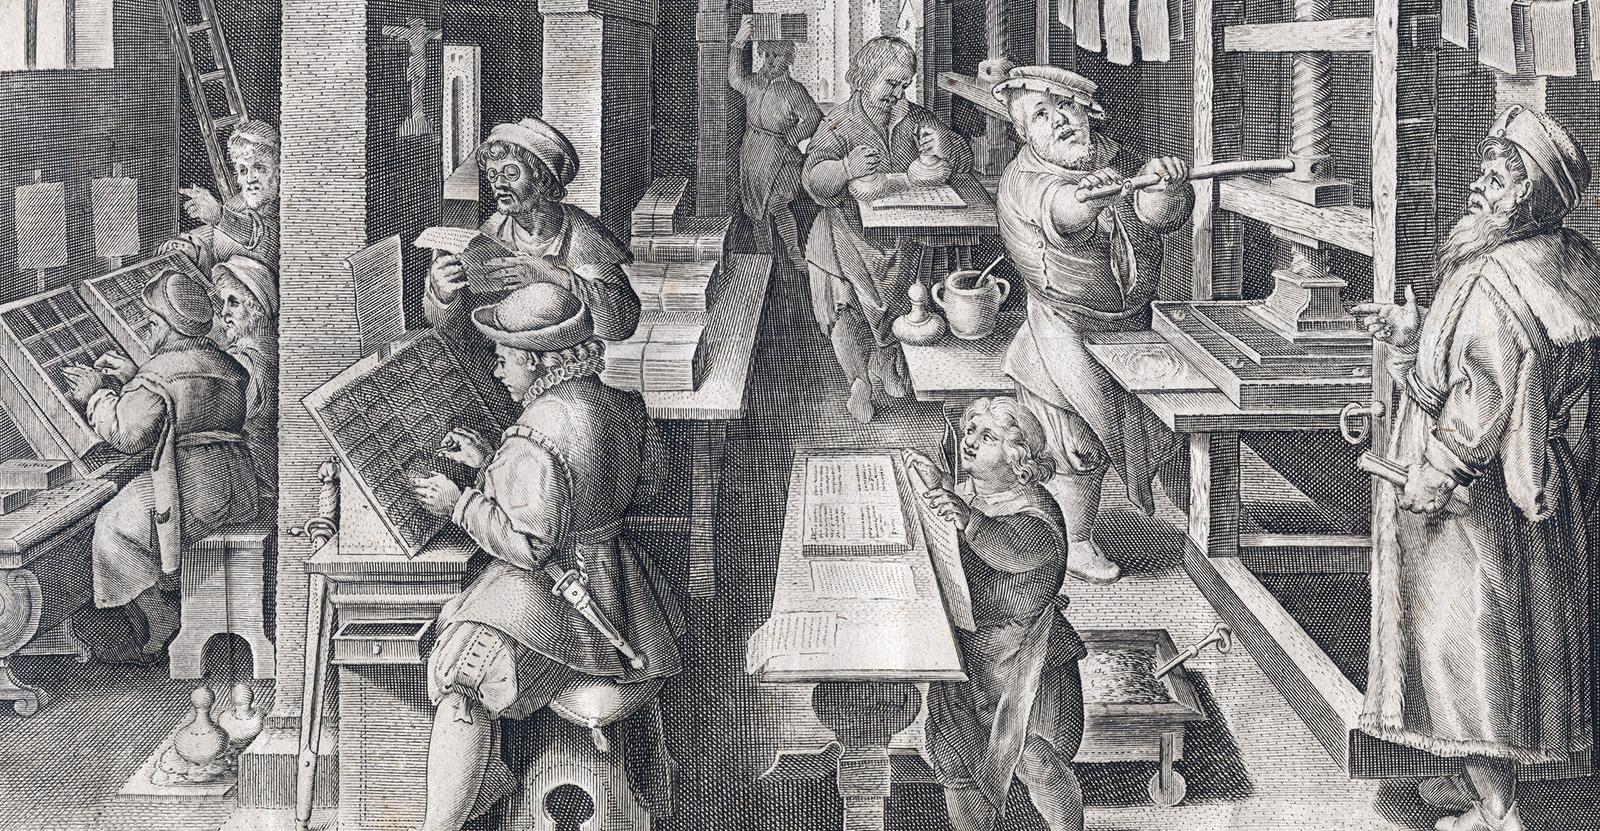 L'invention du livre imprimé, Musée Plantin-Moretus - Wikipédia, licence Creative Commons CC0